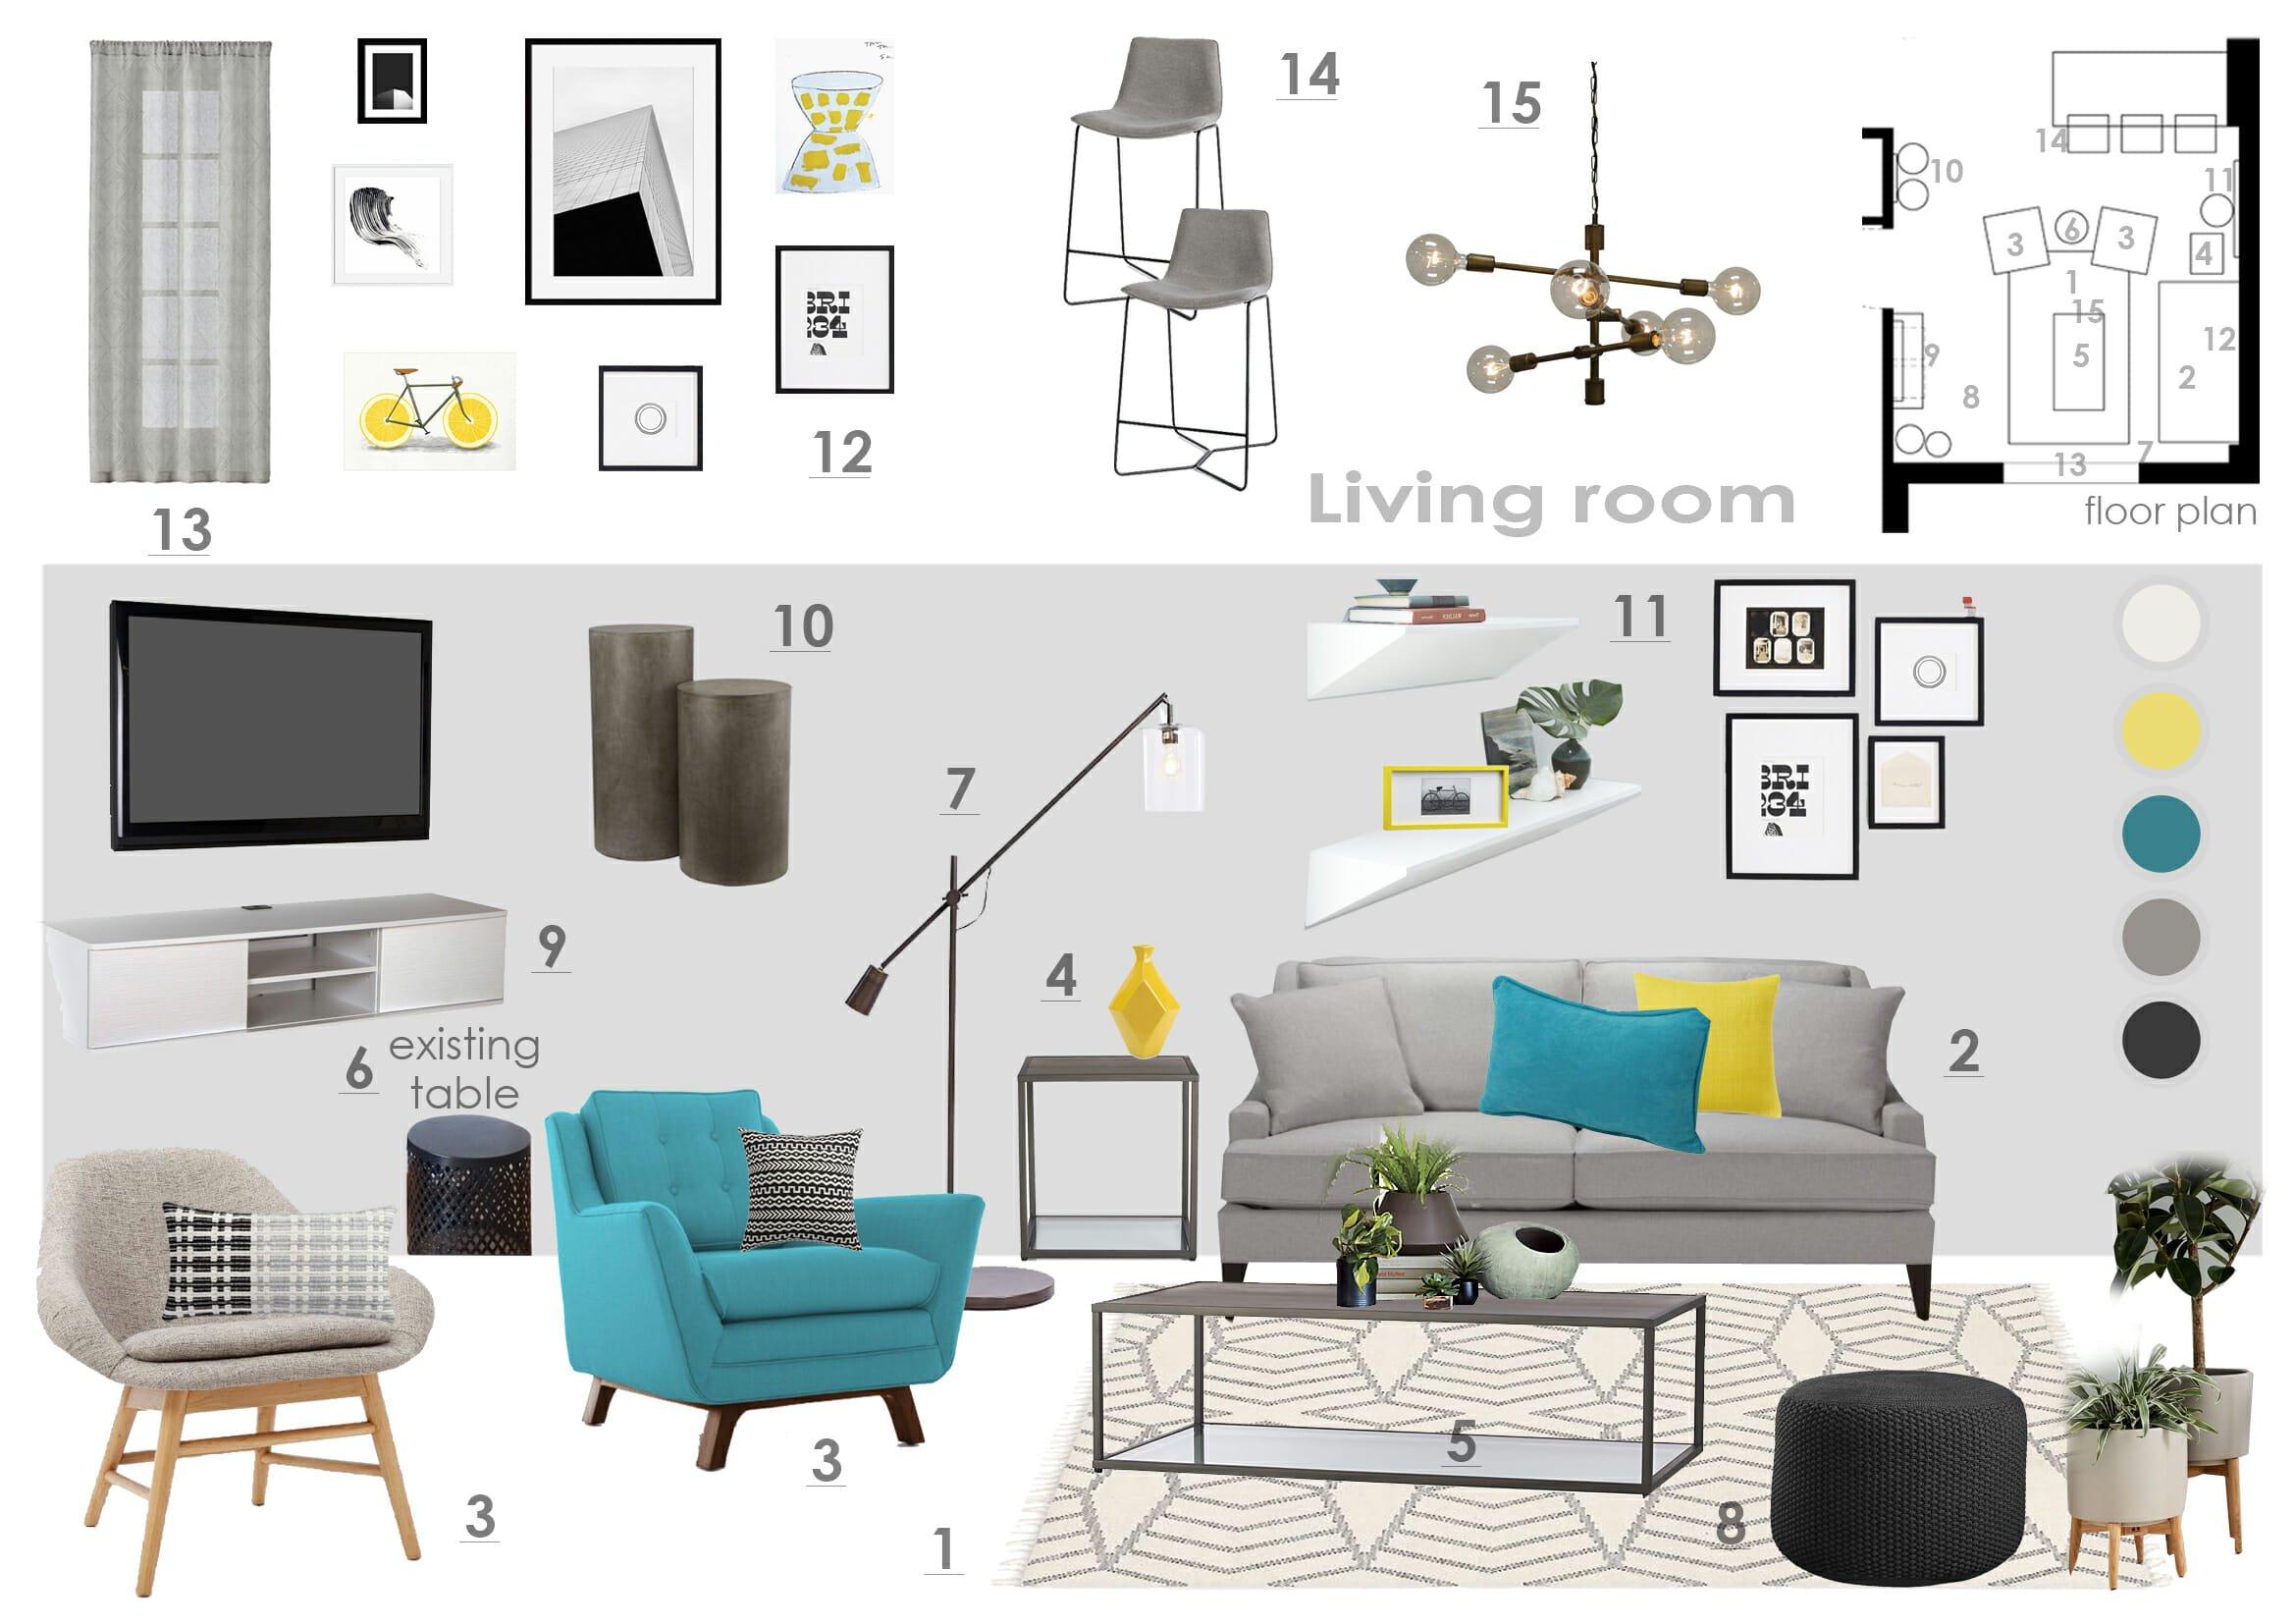 Online interior designer-Before-after_living room design